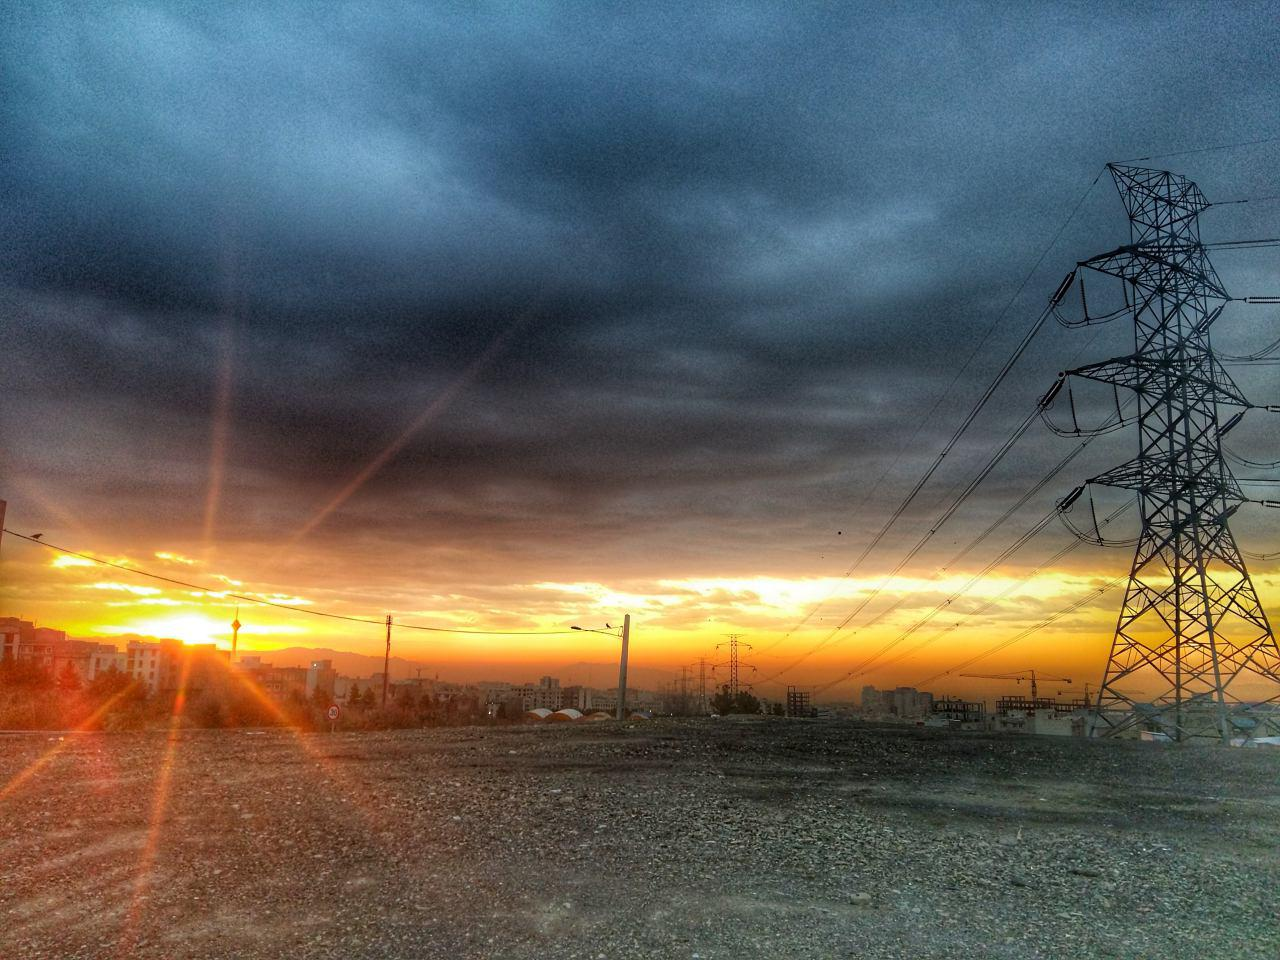 طلوع صبح تهران - جنت آباد